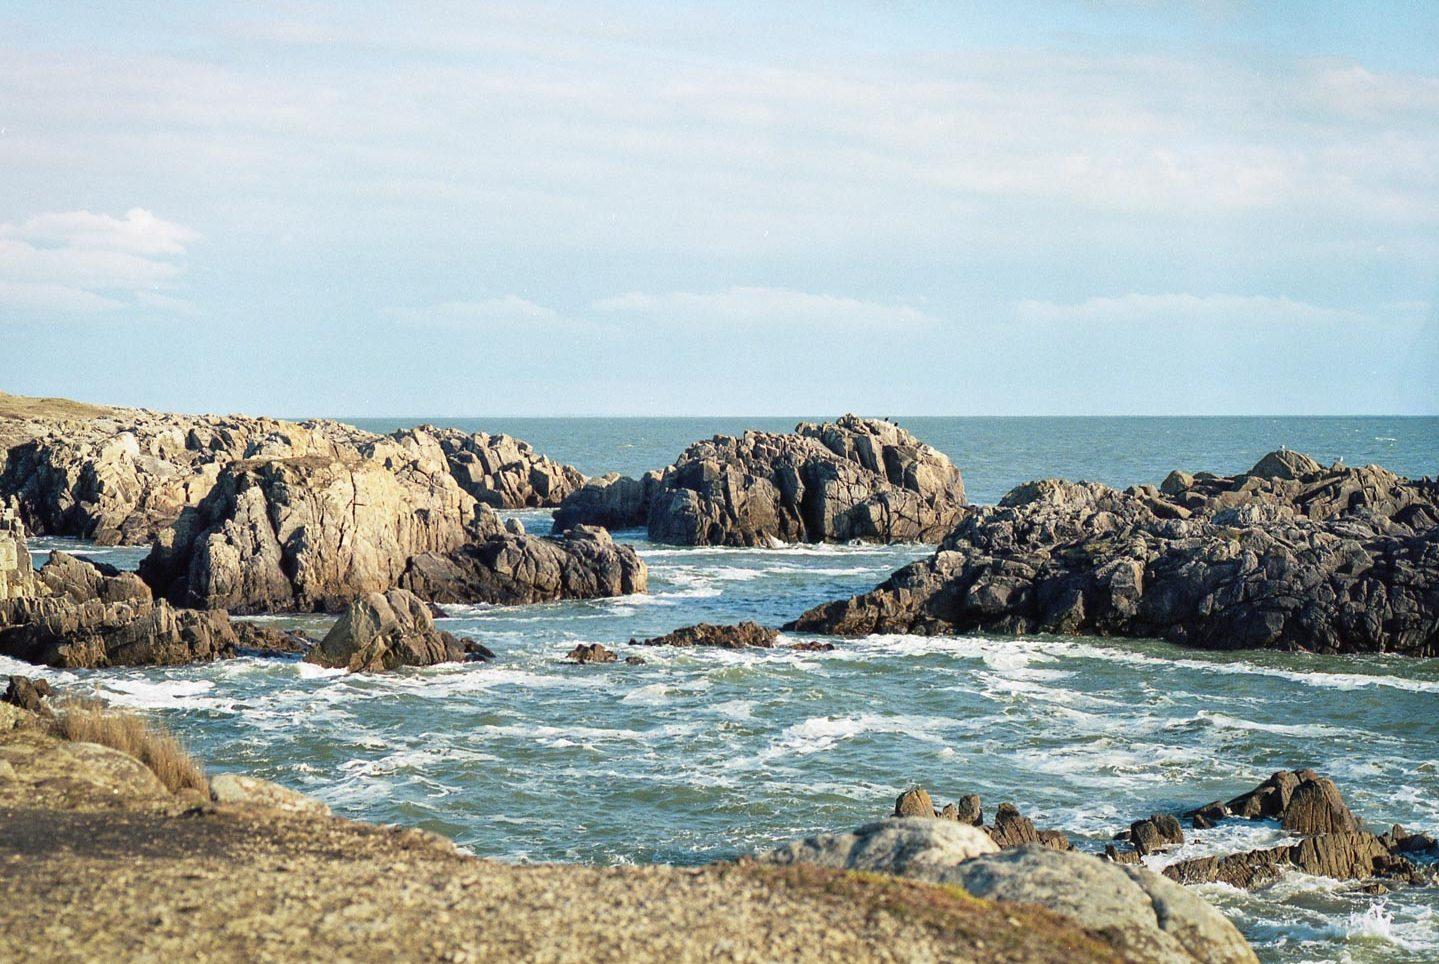 L'océan à Batz-sur-mer